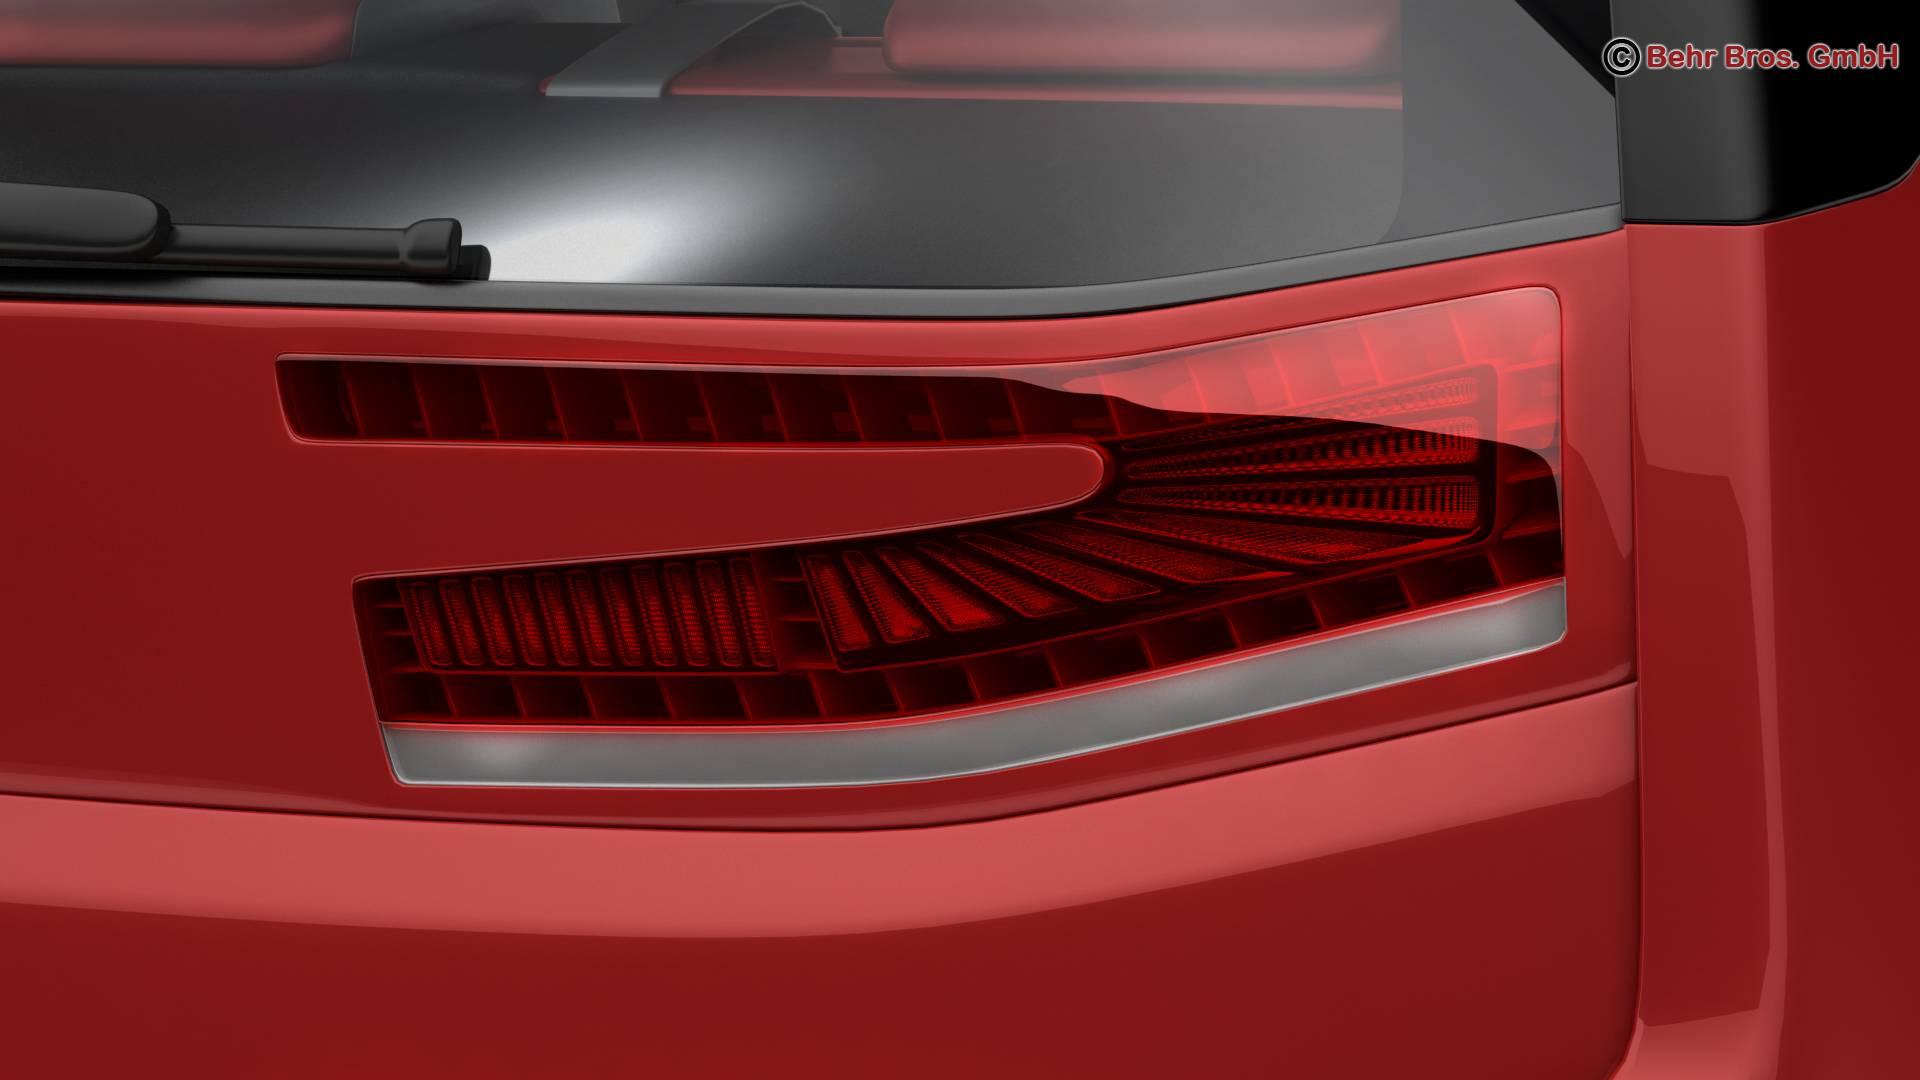 generic city car 3d model 3ds max fbx c4d lwo ma mb obj 209043